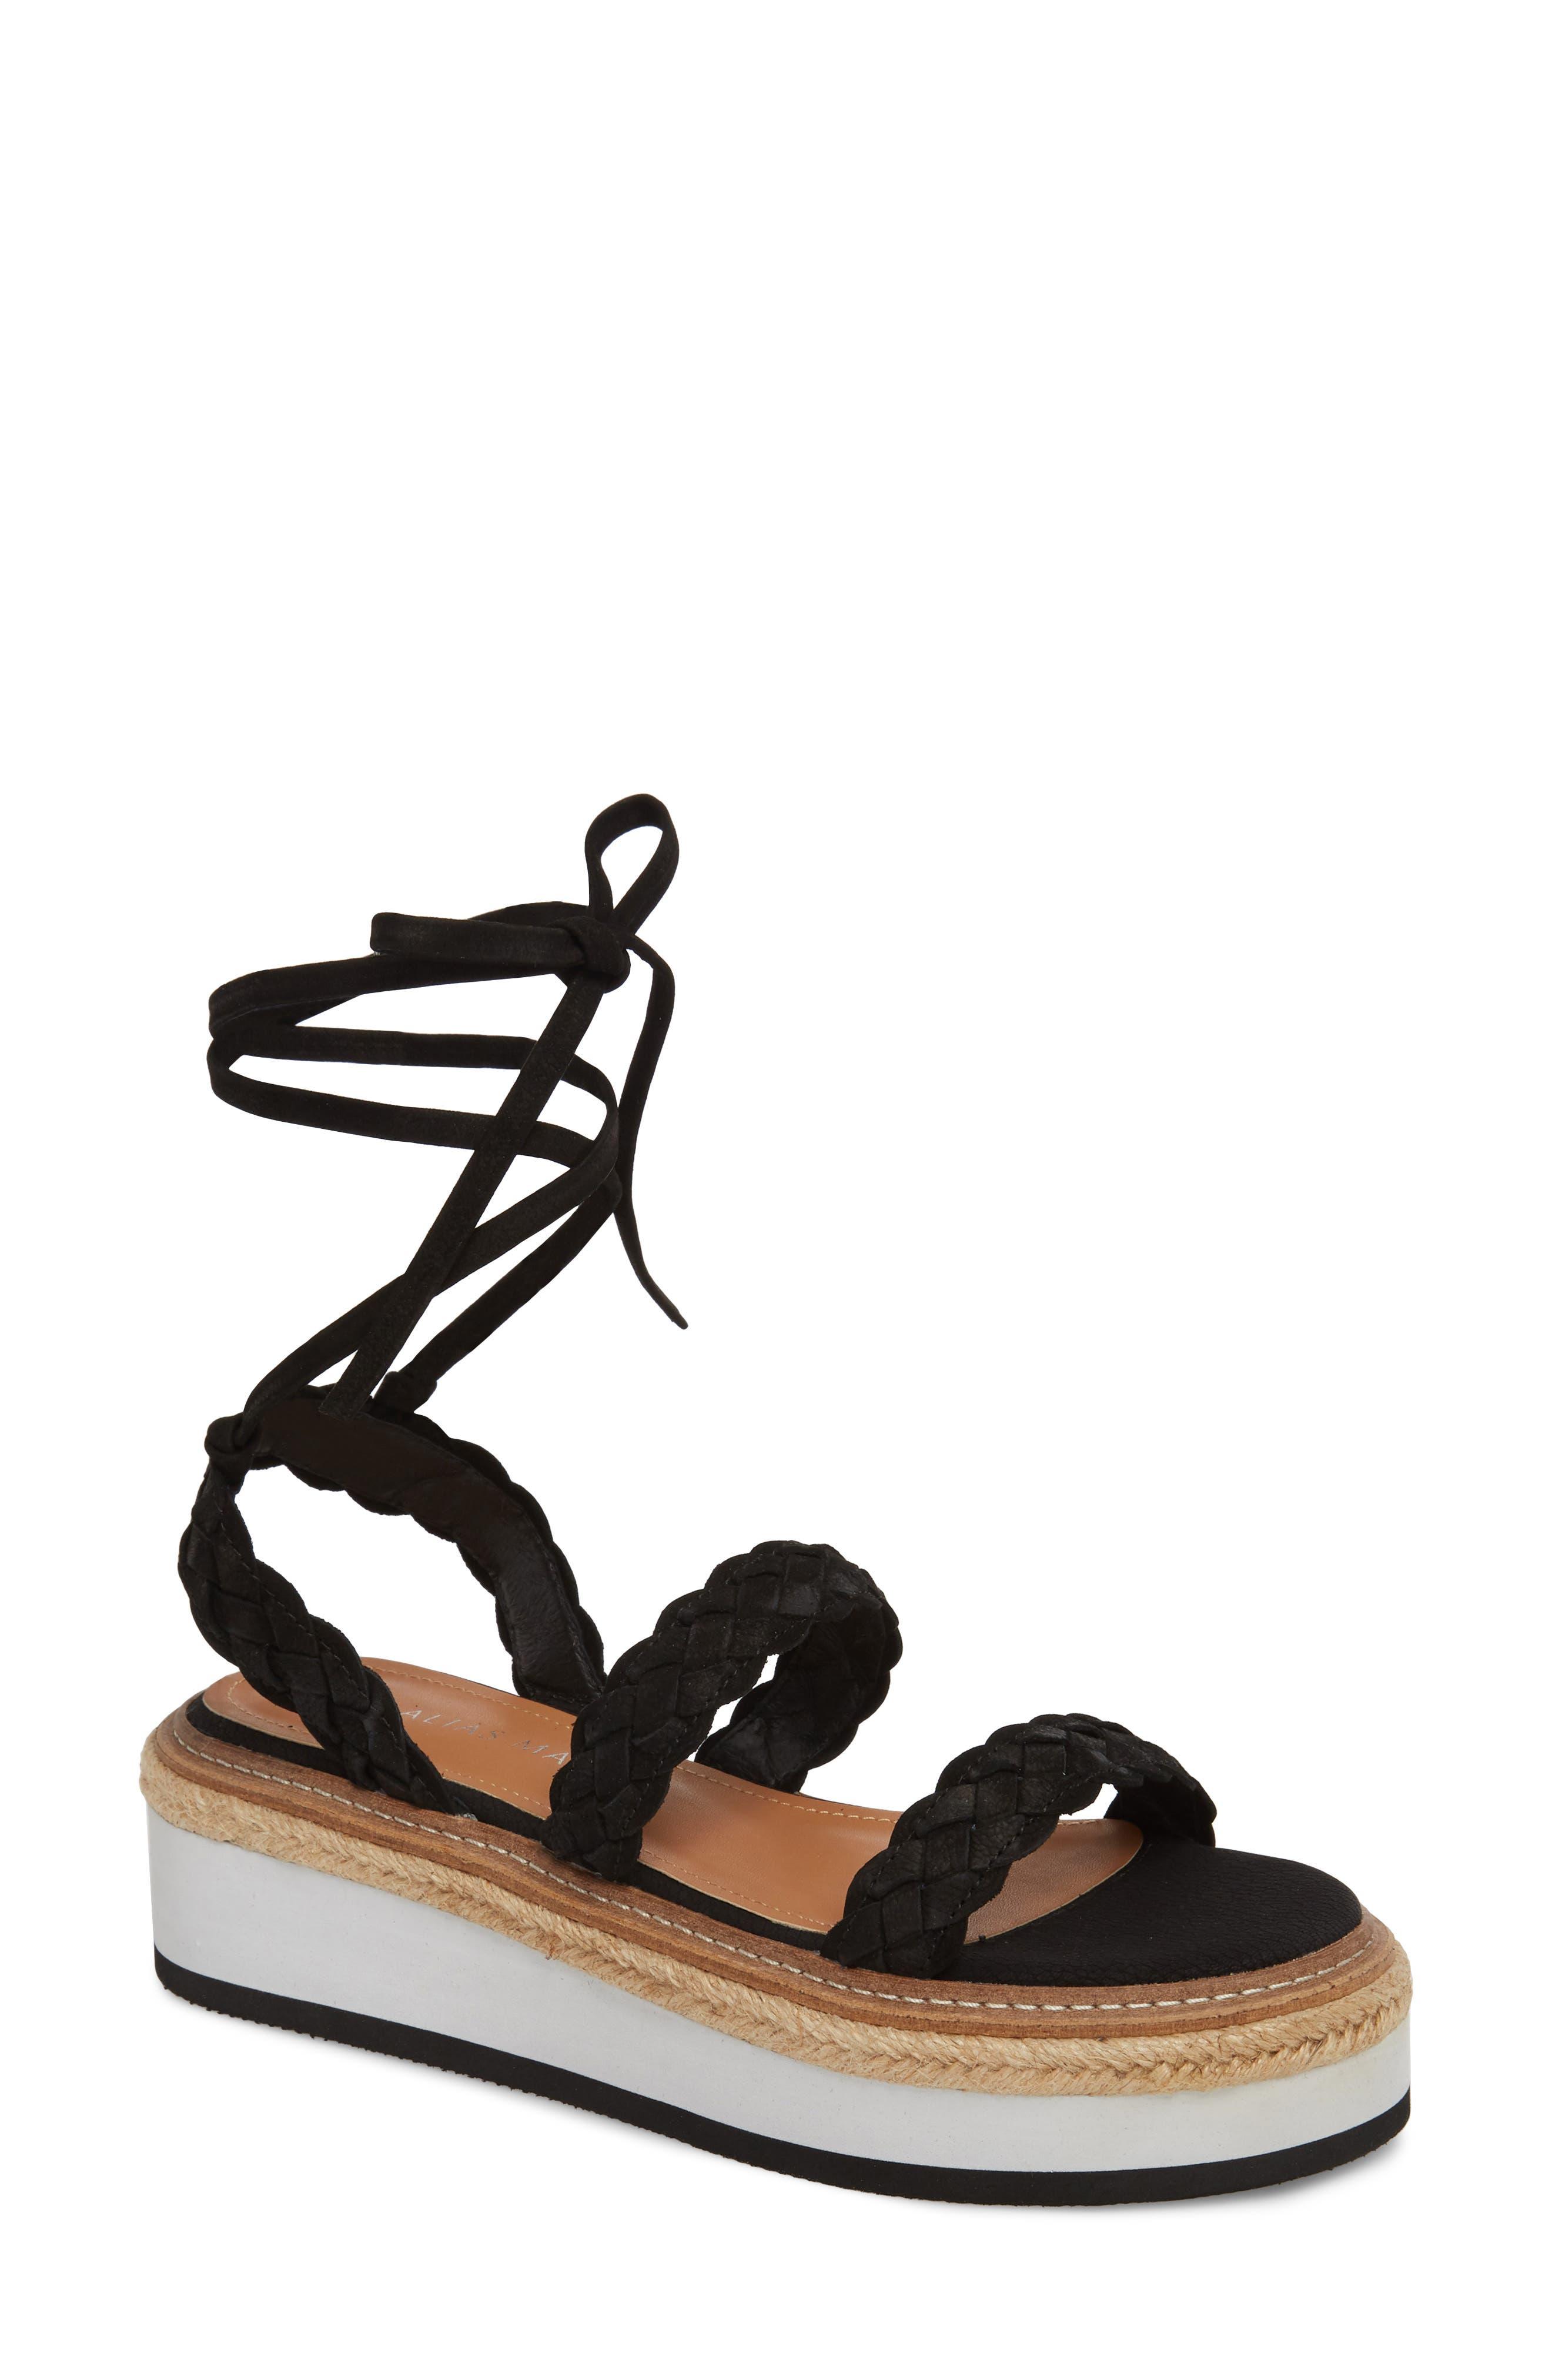 Nieve Braided Platform Sandal,                         Main,                         color, 001